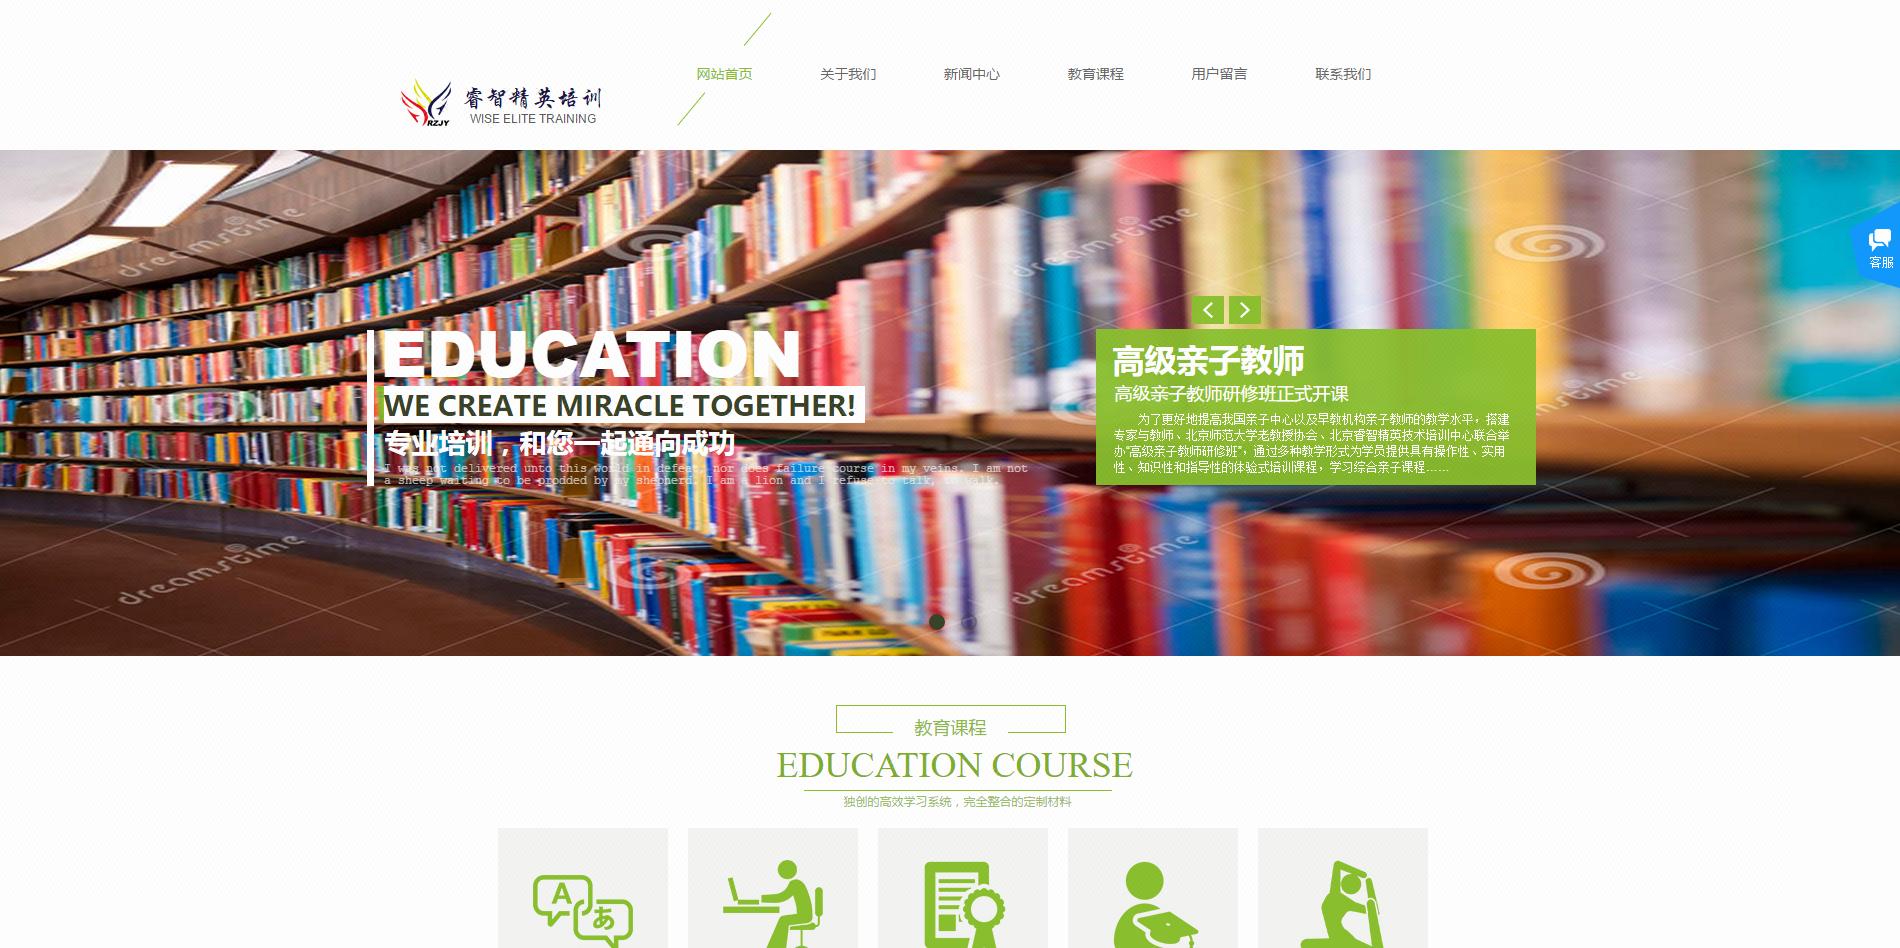 建站公司官网网站建设网站开发企业网站网页设计网站设计模板建站